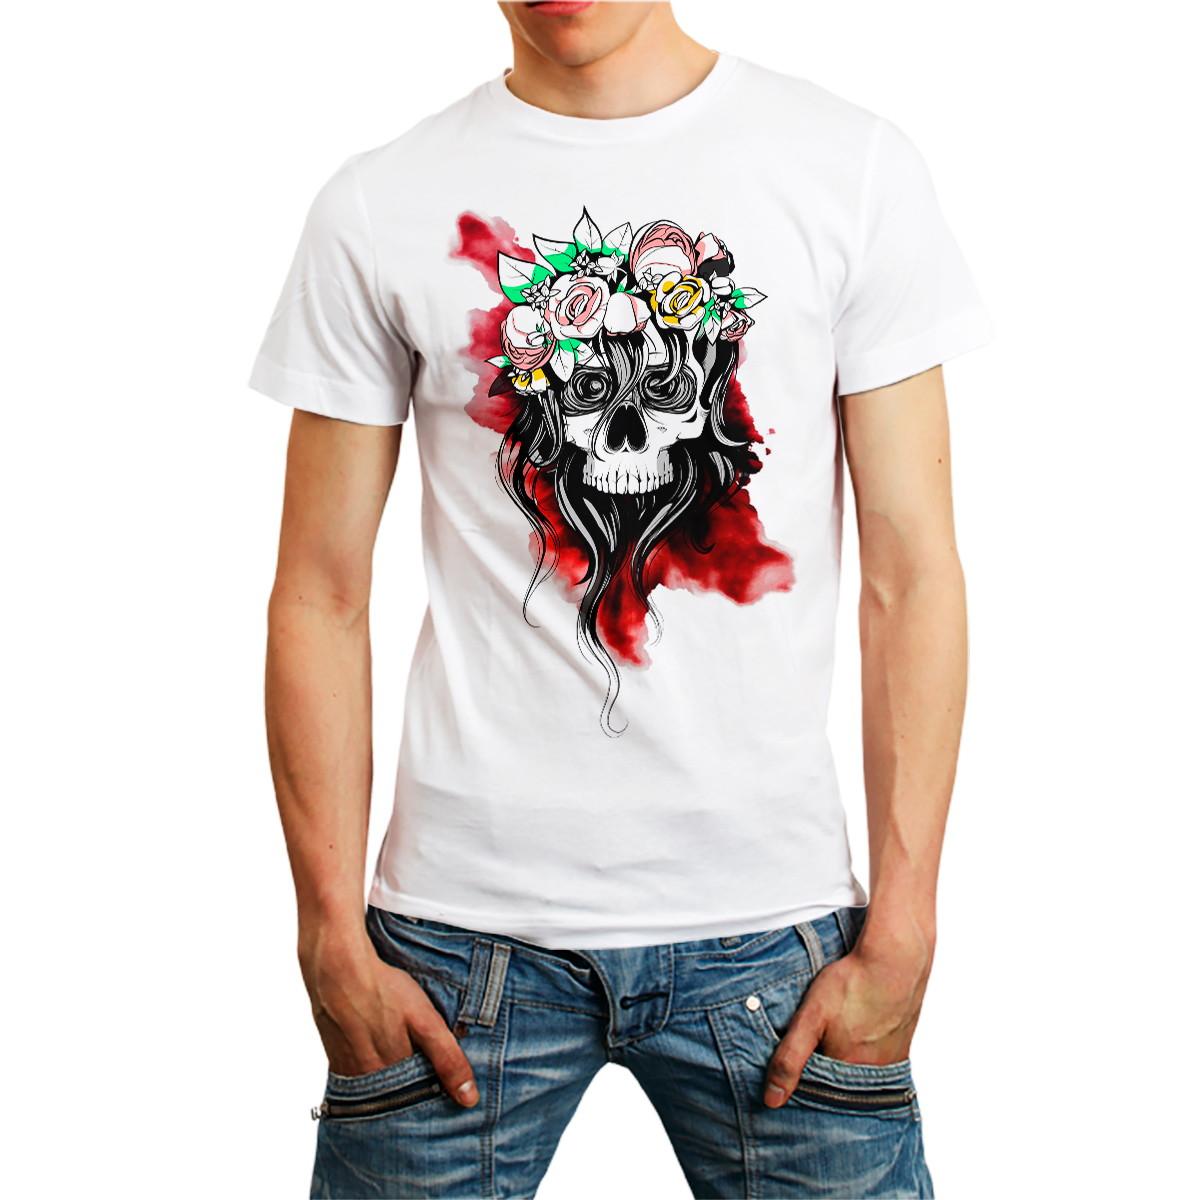 Camiseta Caveira Camisa Skull Roupa Masculina Branca BARATO no Elo7 ... 5a4c2c7832aa6